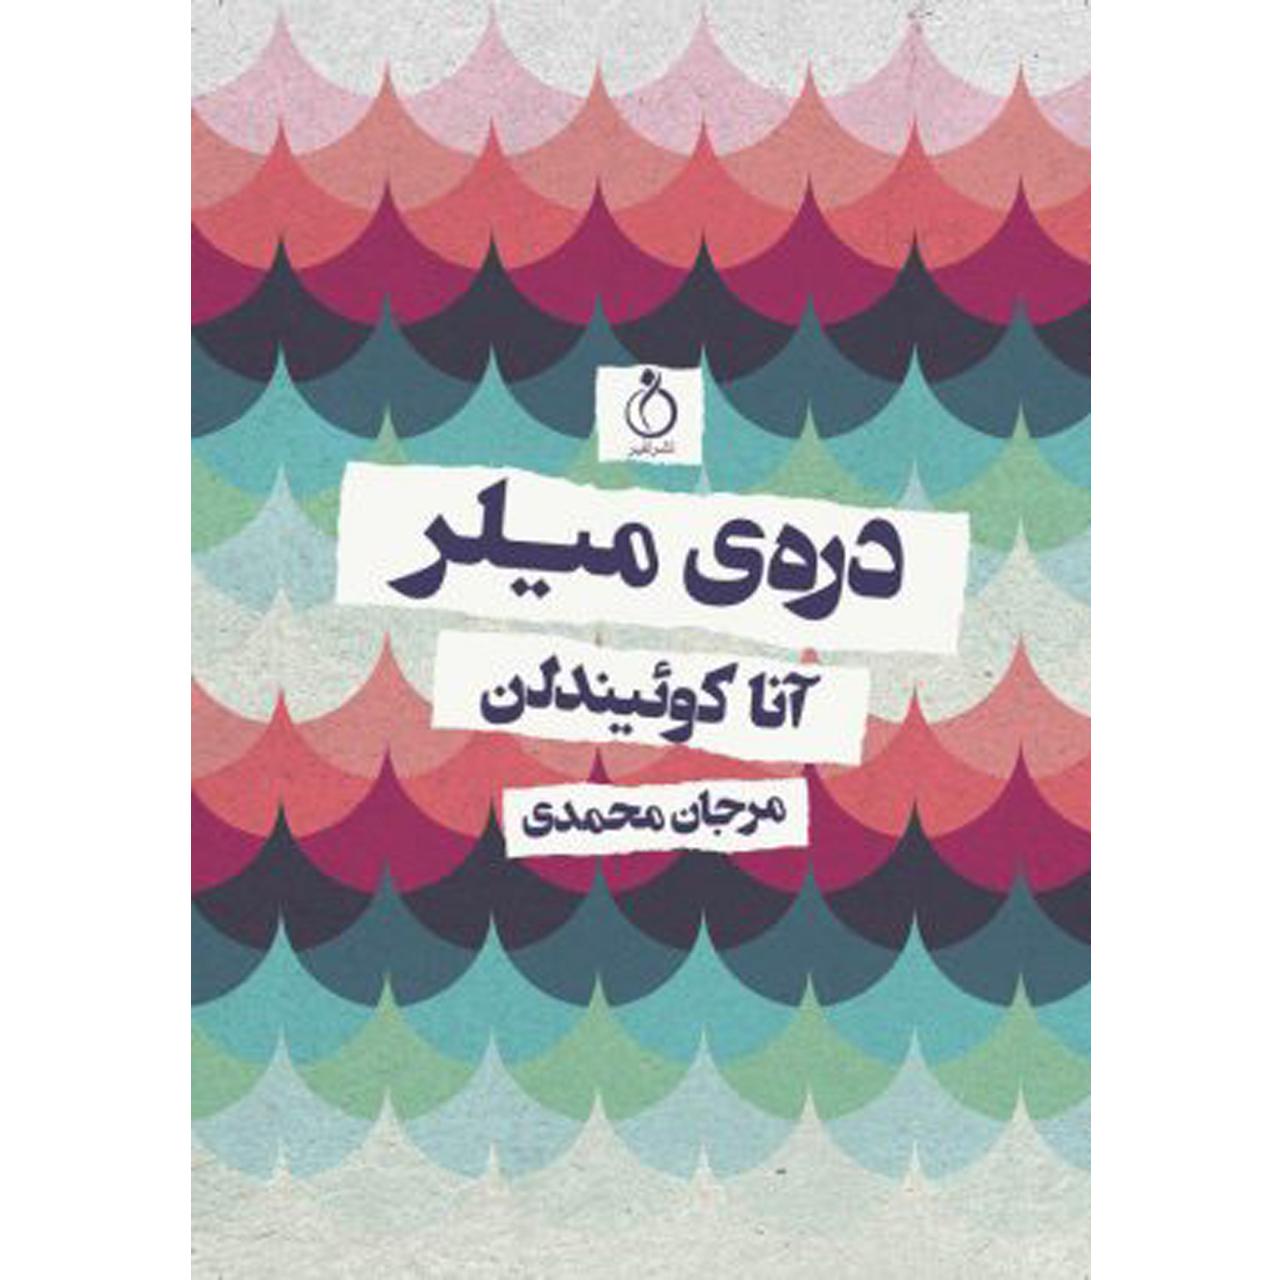 کتاب دره ی میلر اثر آنا کوئیندلن انتشارات نفیر